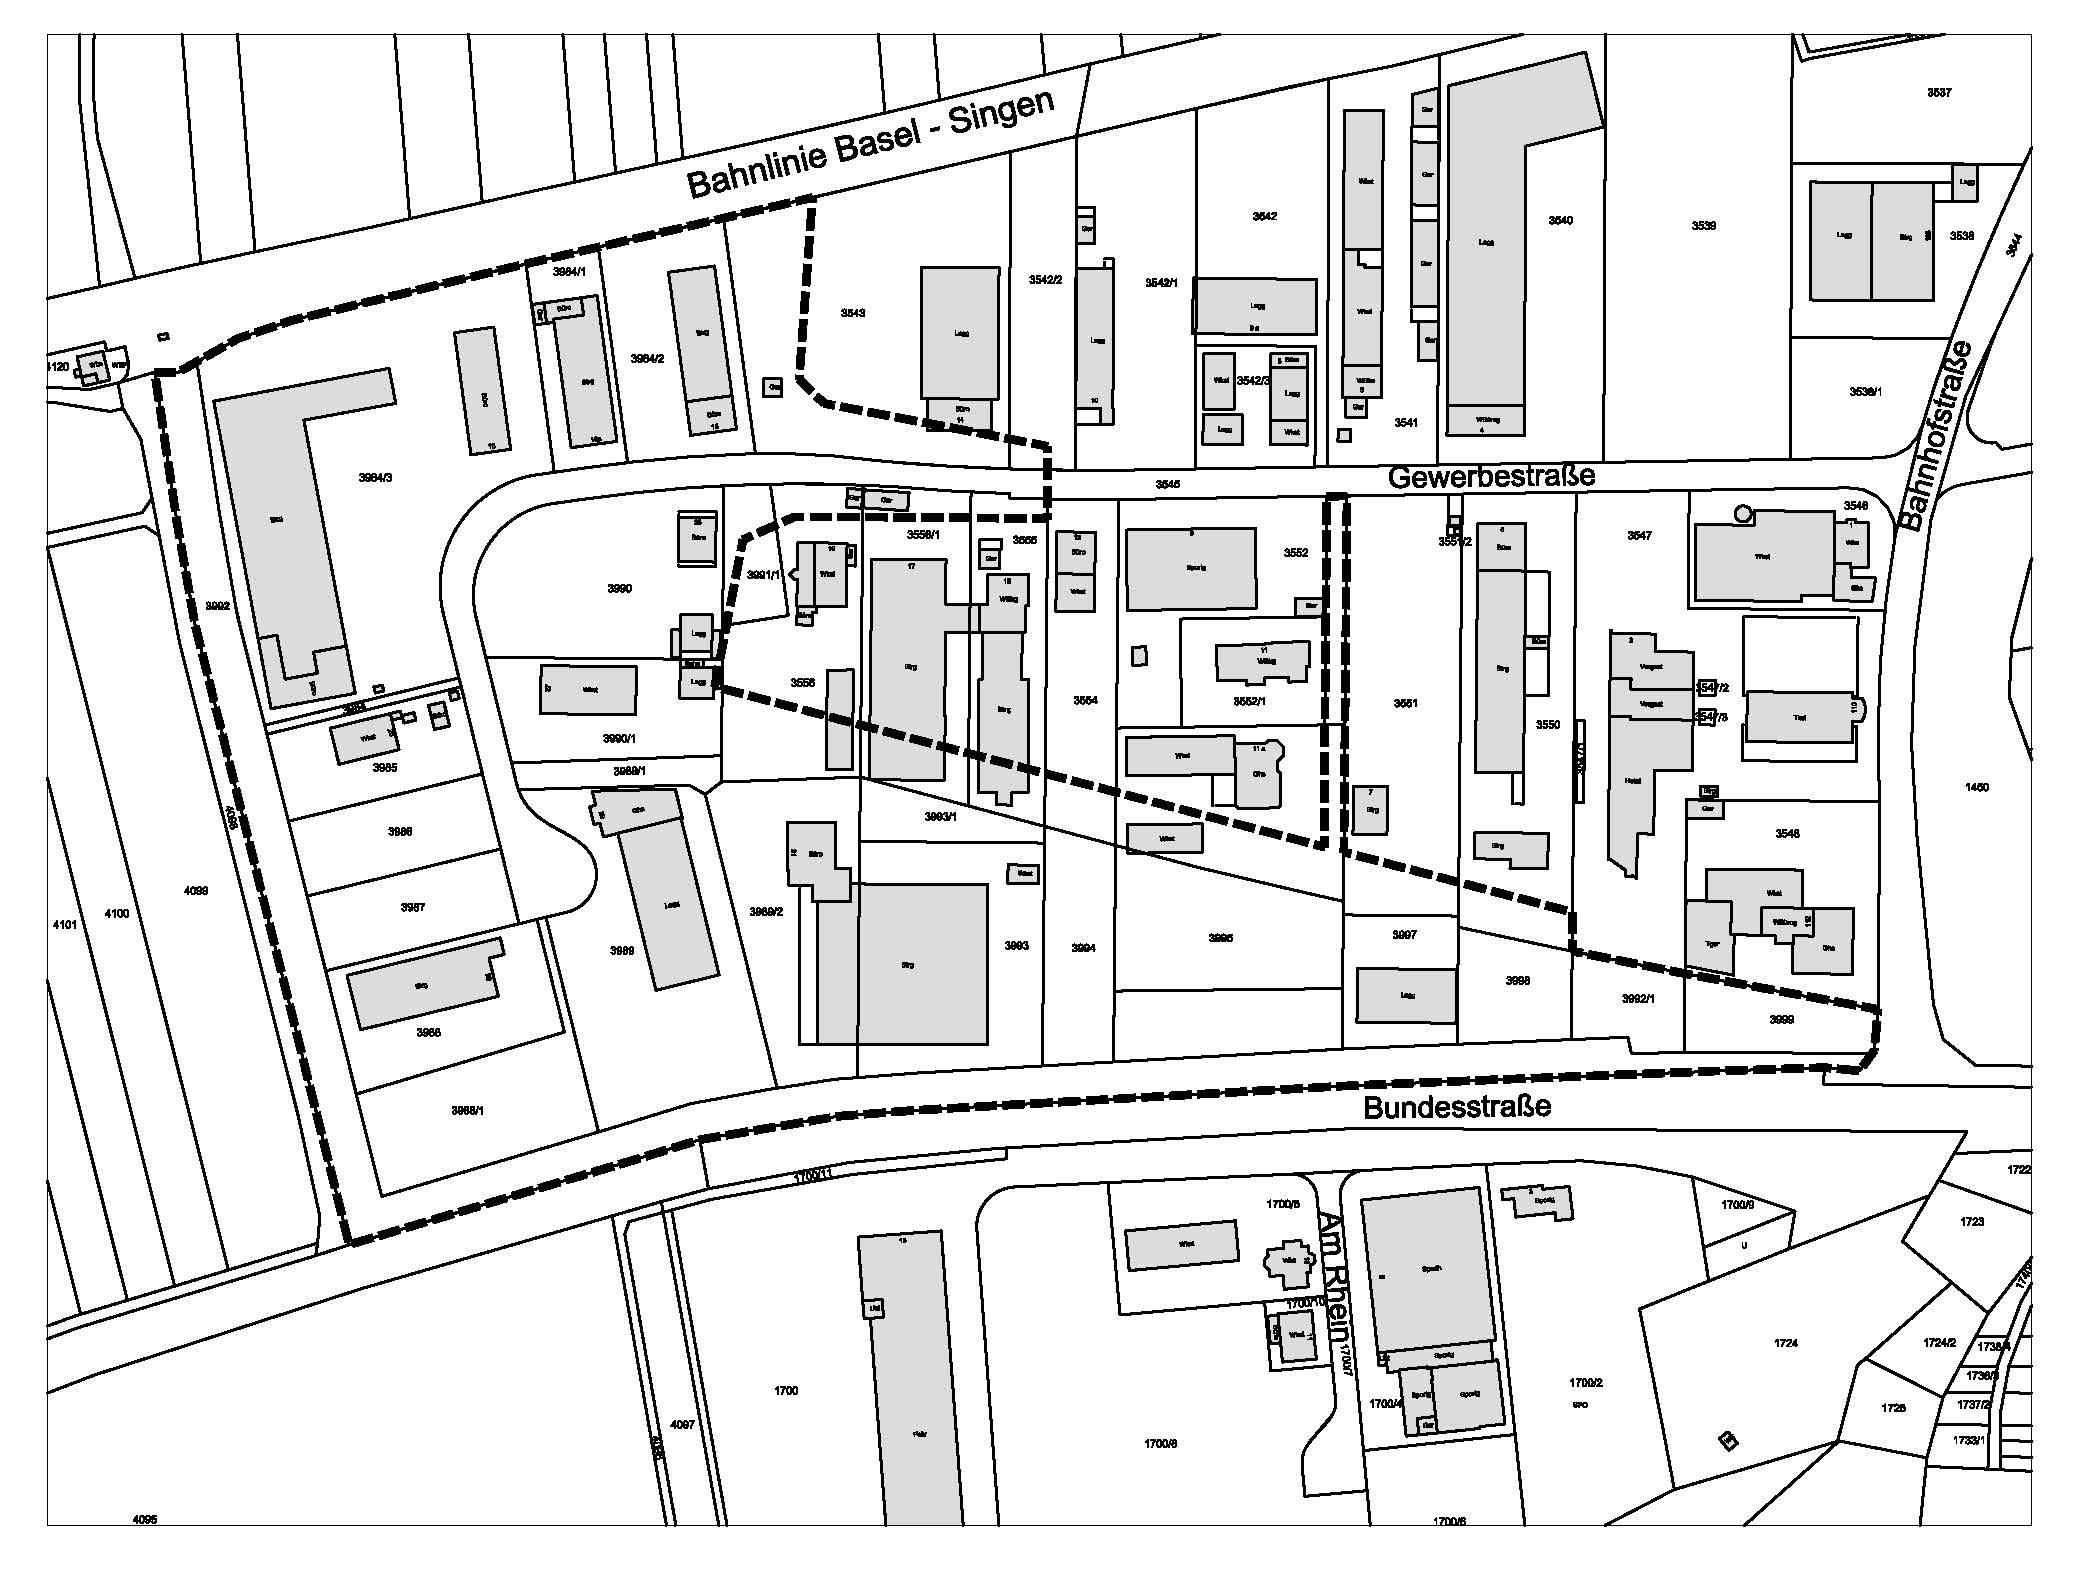 2017-01-26_Geltungsbereich-Industriegebiet-Herten-West